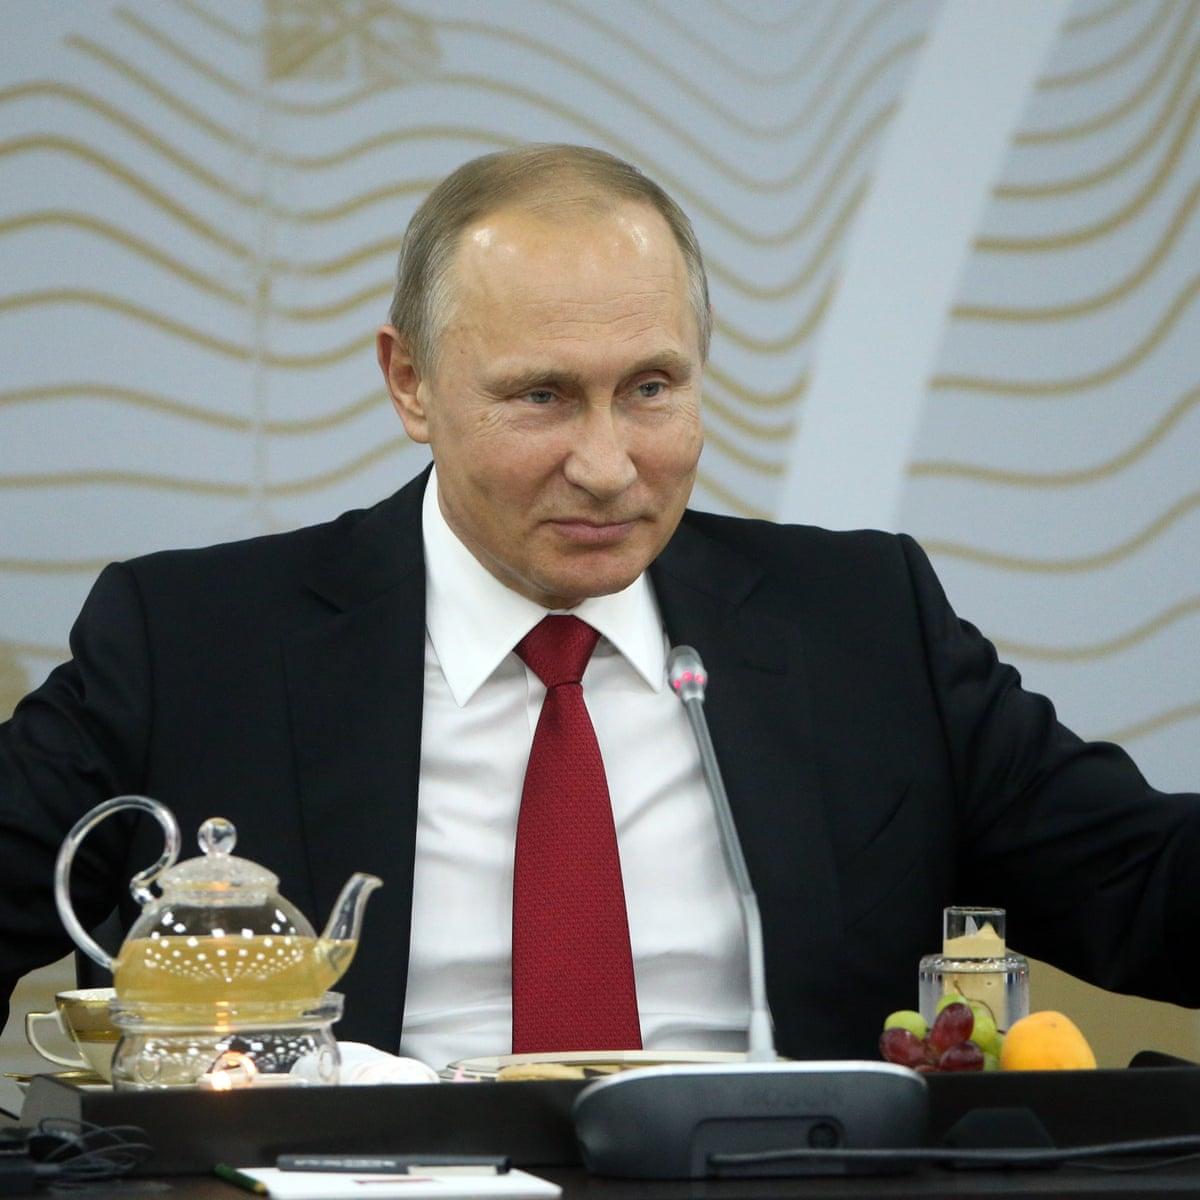 Vladimir Putin I Don T Have Bad Days Because I M Not A Woman Vladimir Putin The Guardian